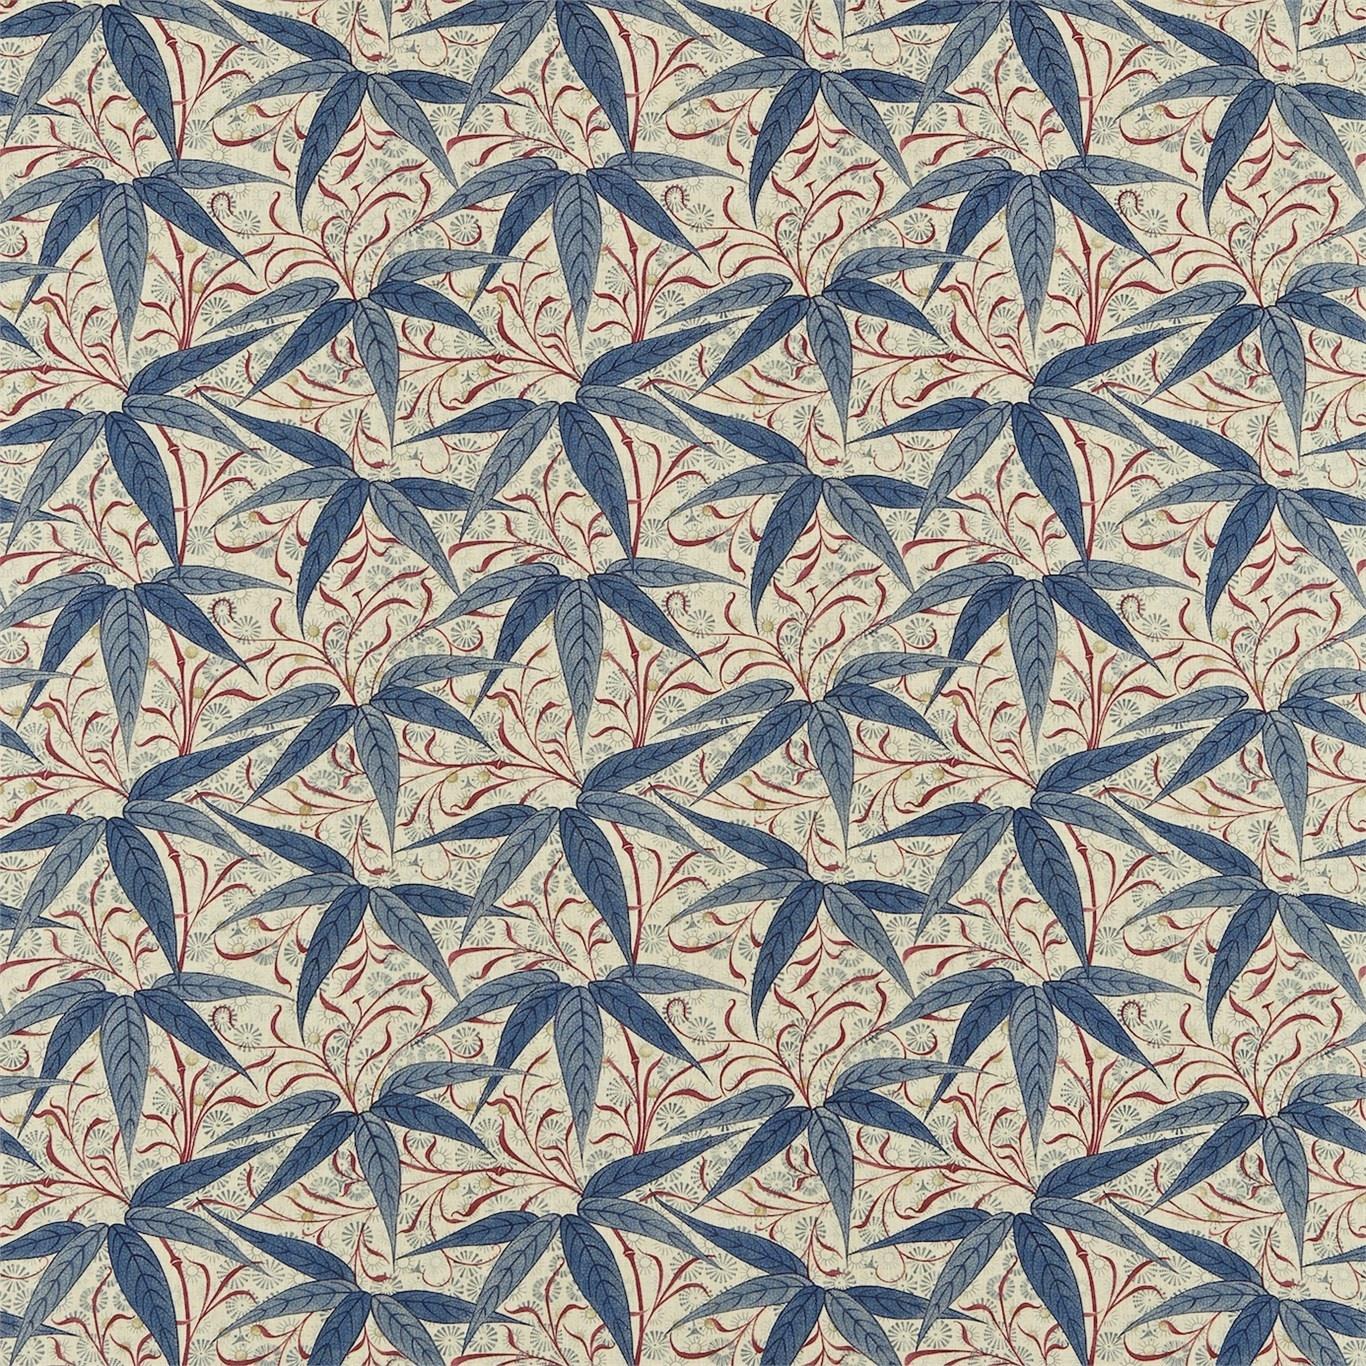 Image of Morris & Co Bamboo Indigo/Woad Curtain Fabric 222528